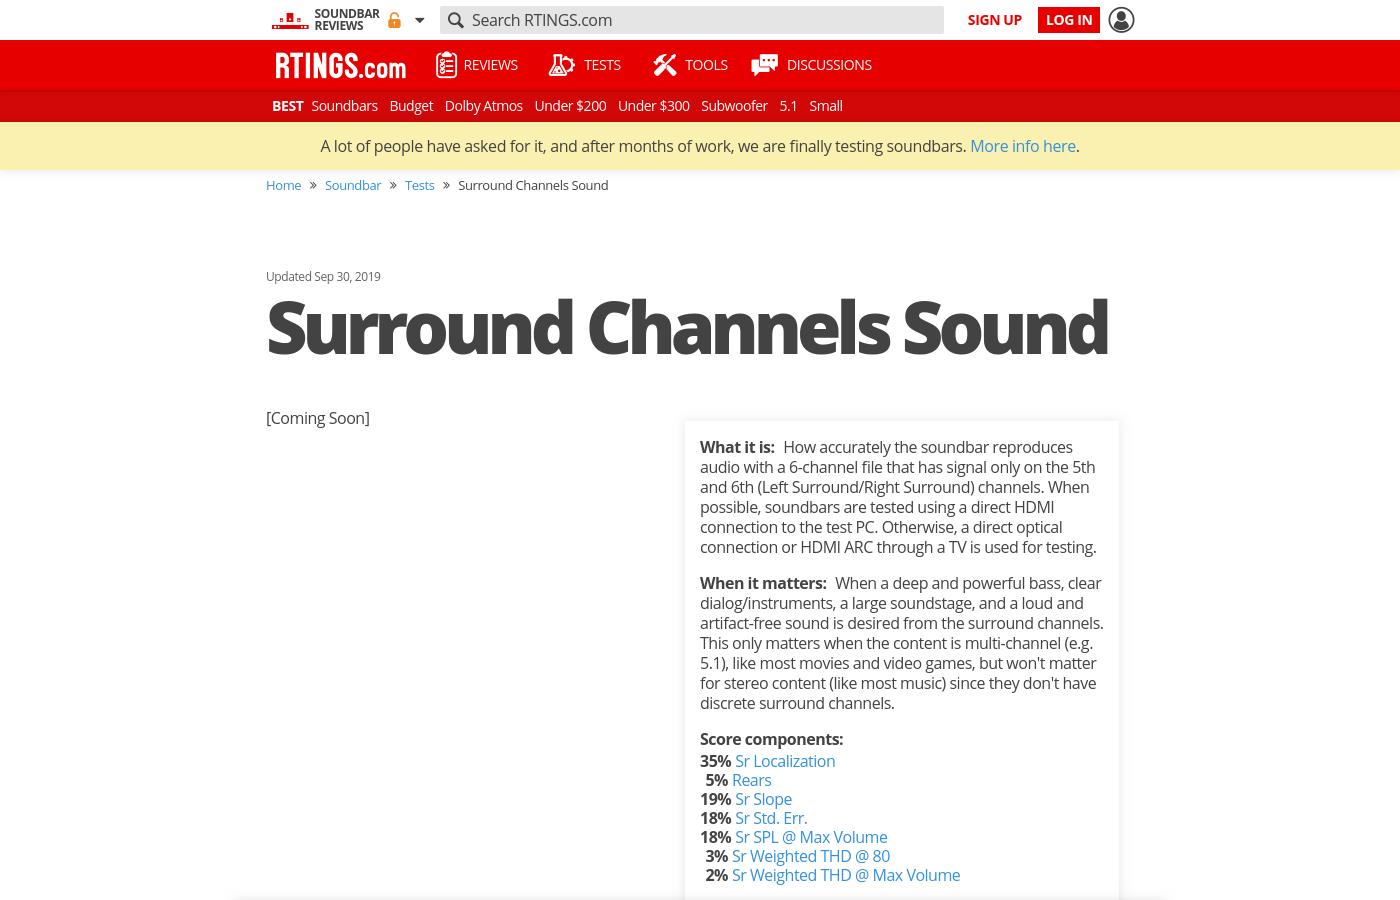 Surround Channels Sound